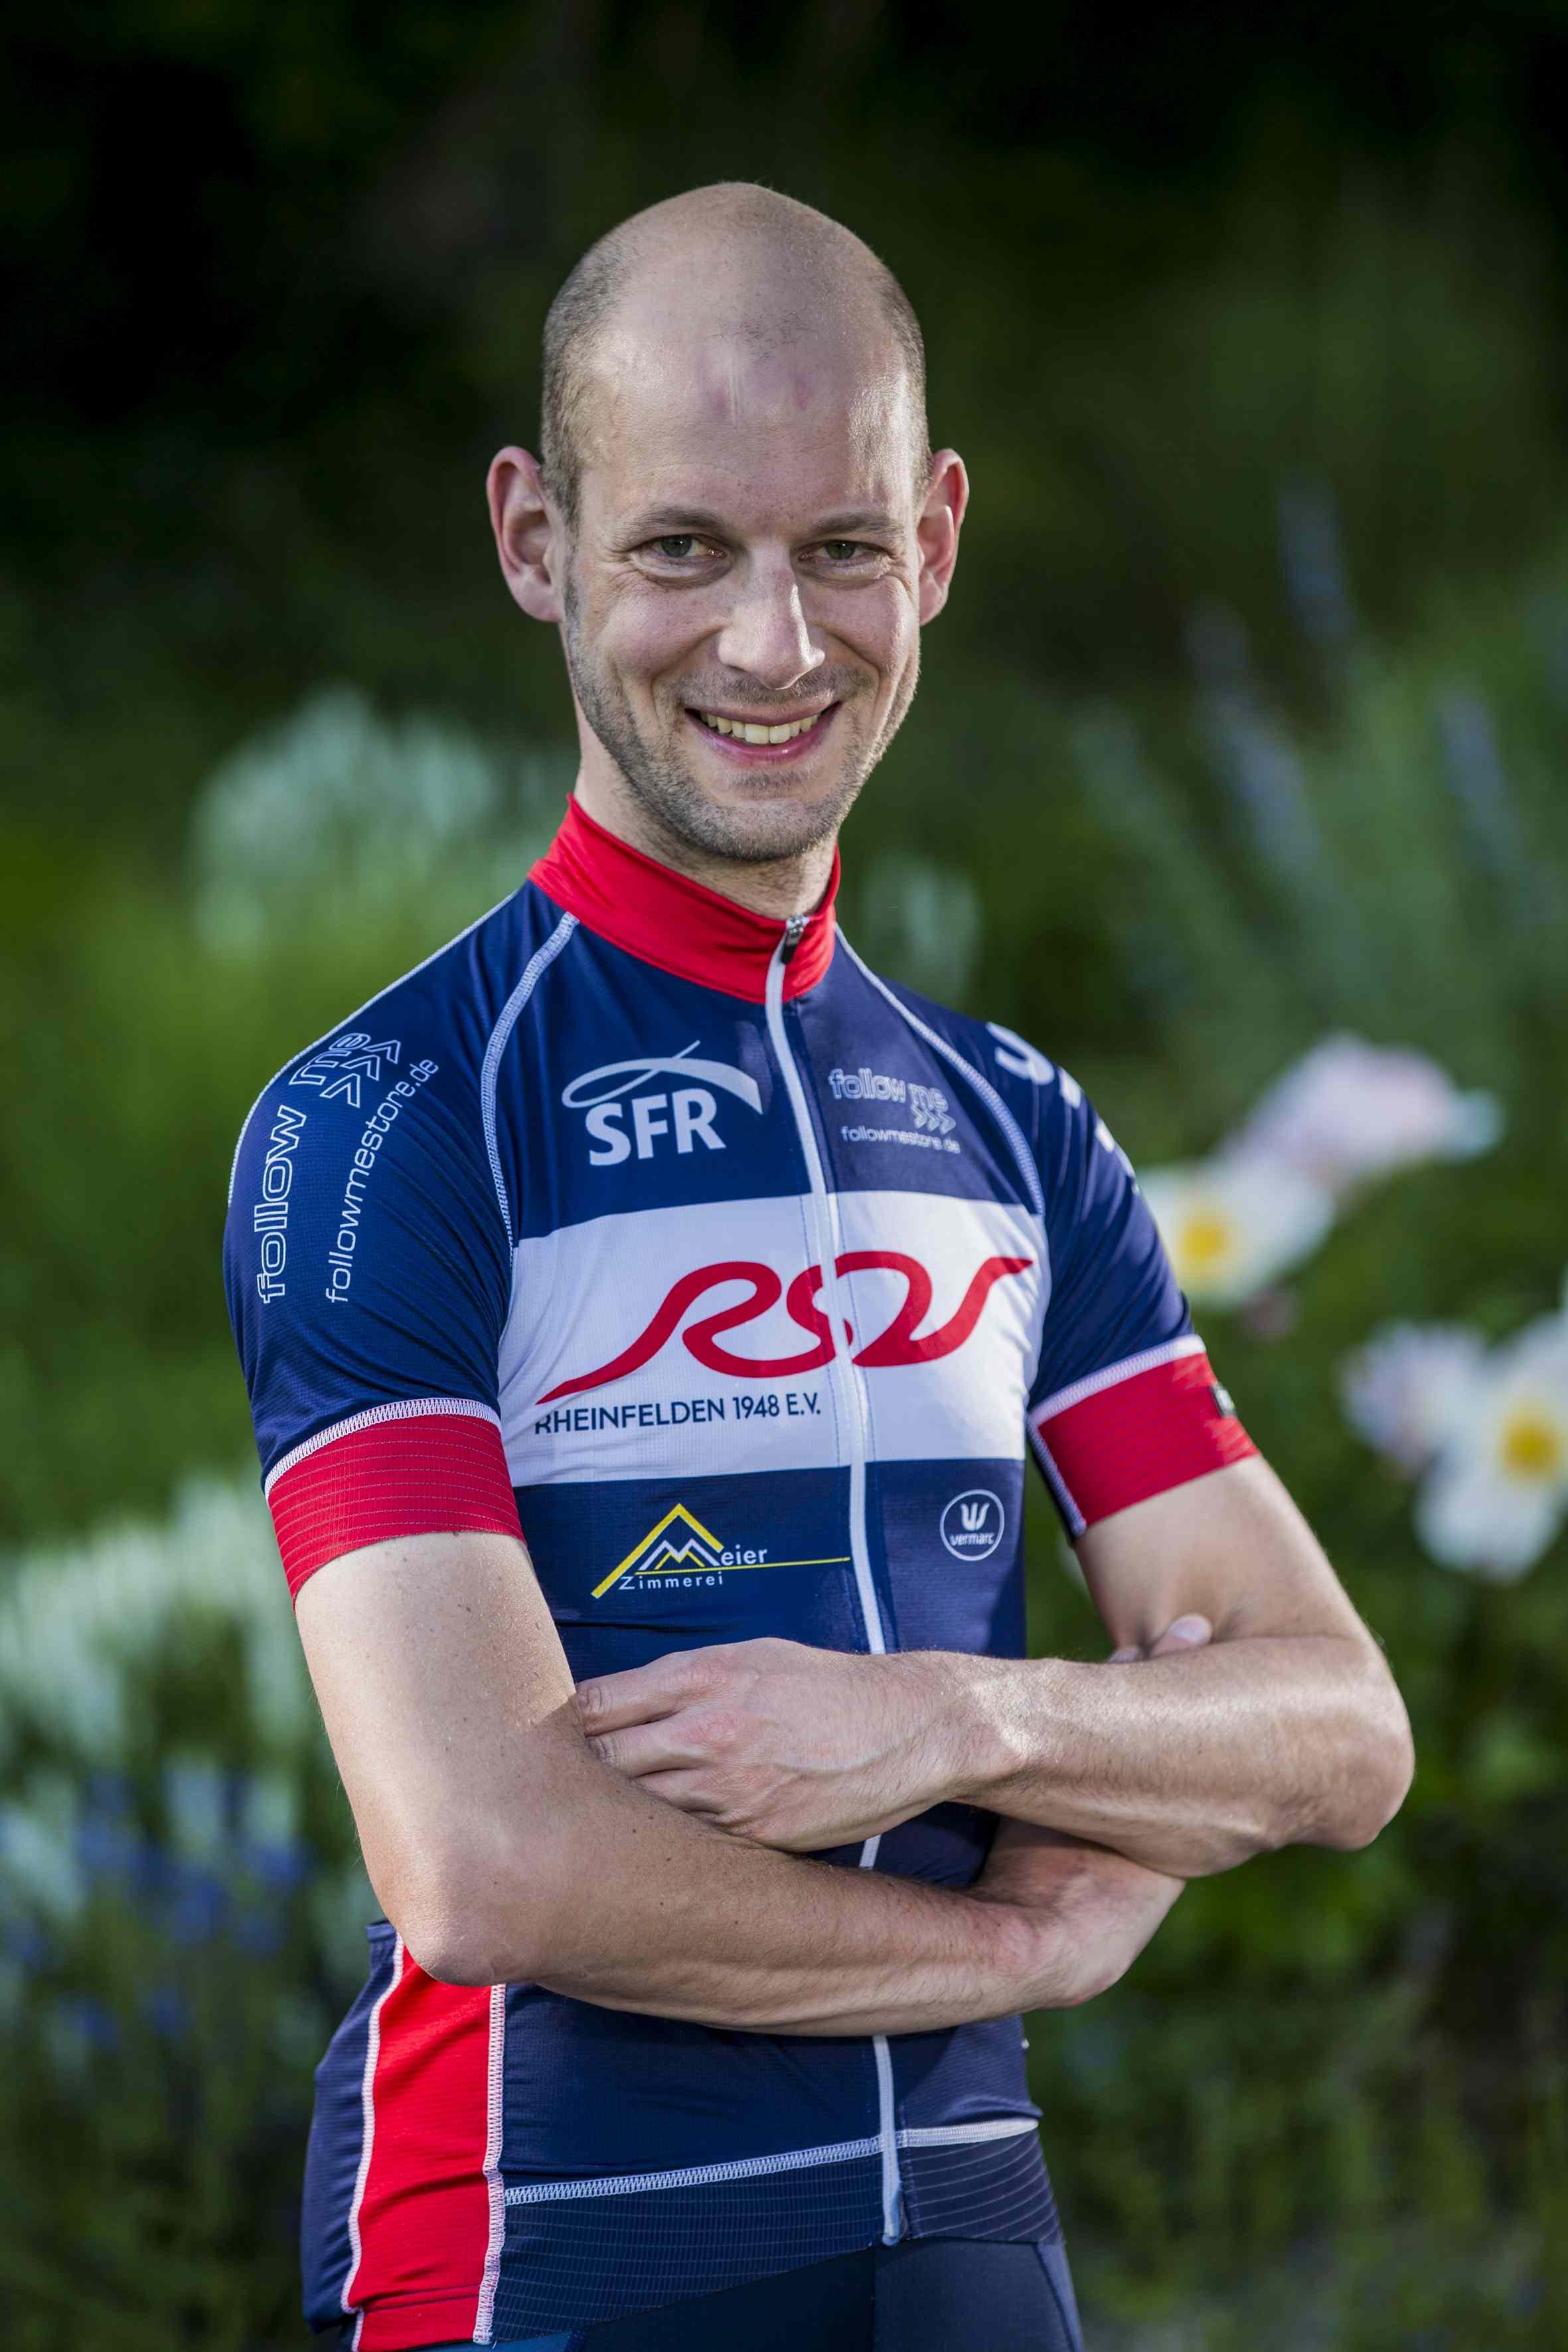 Florian Meichelböck